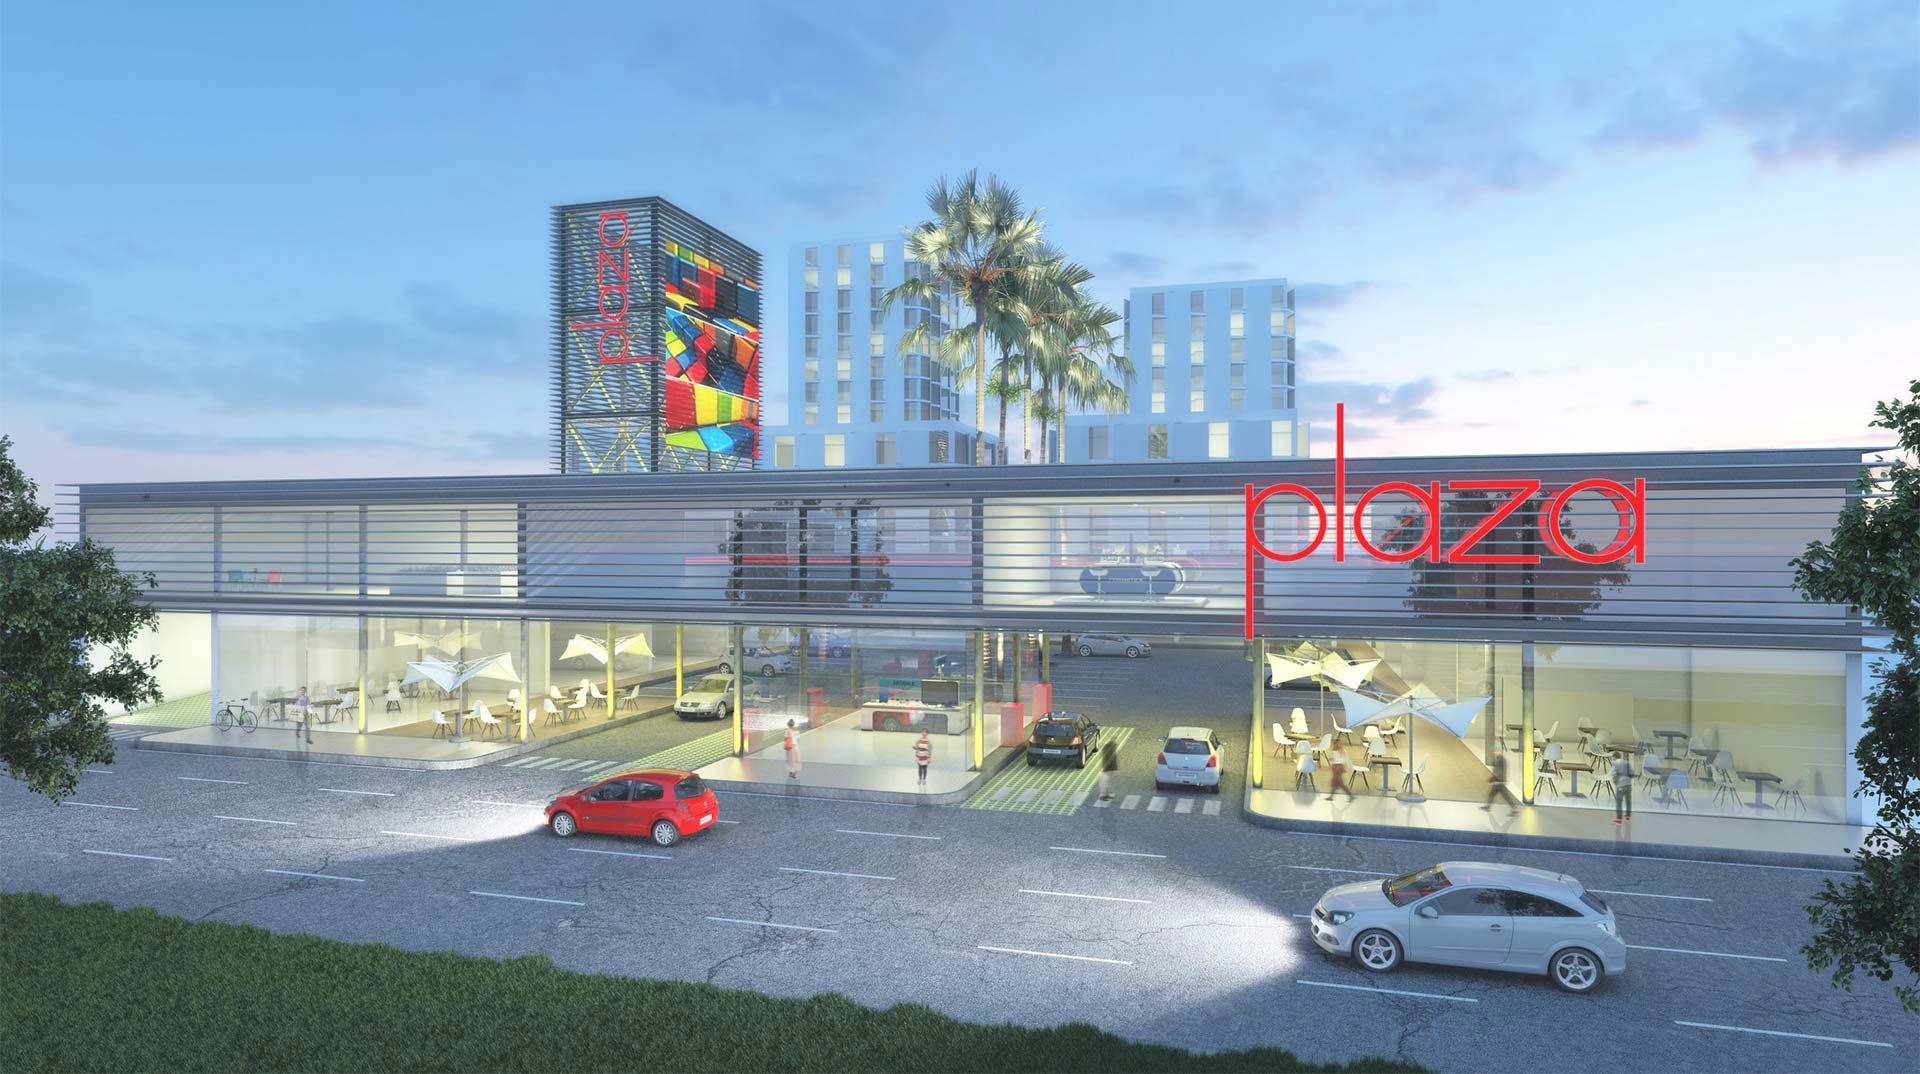 Centros comerciales evolucionan en conjunto con los cambios de la sociedad